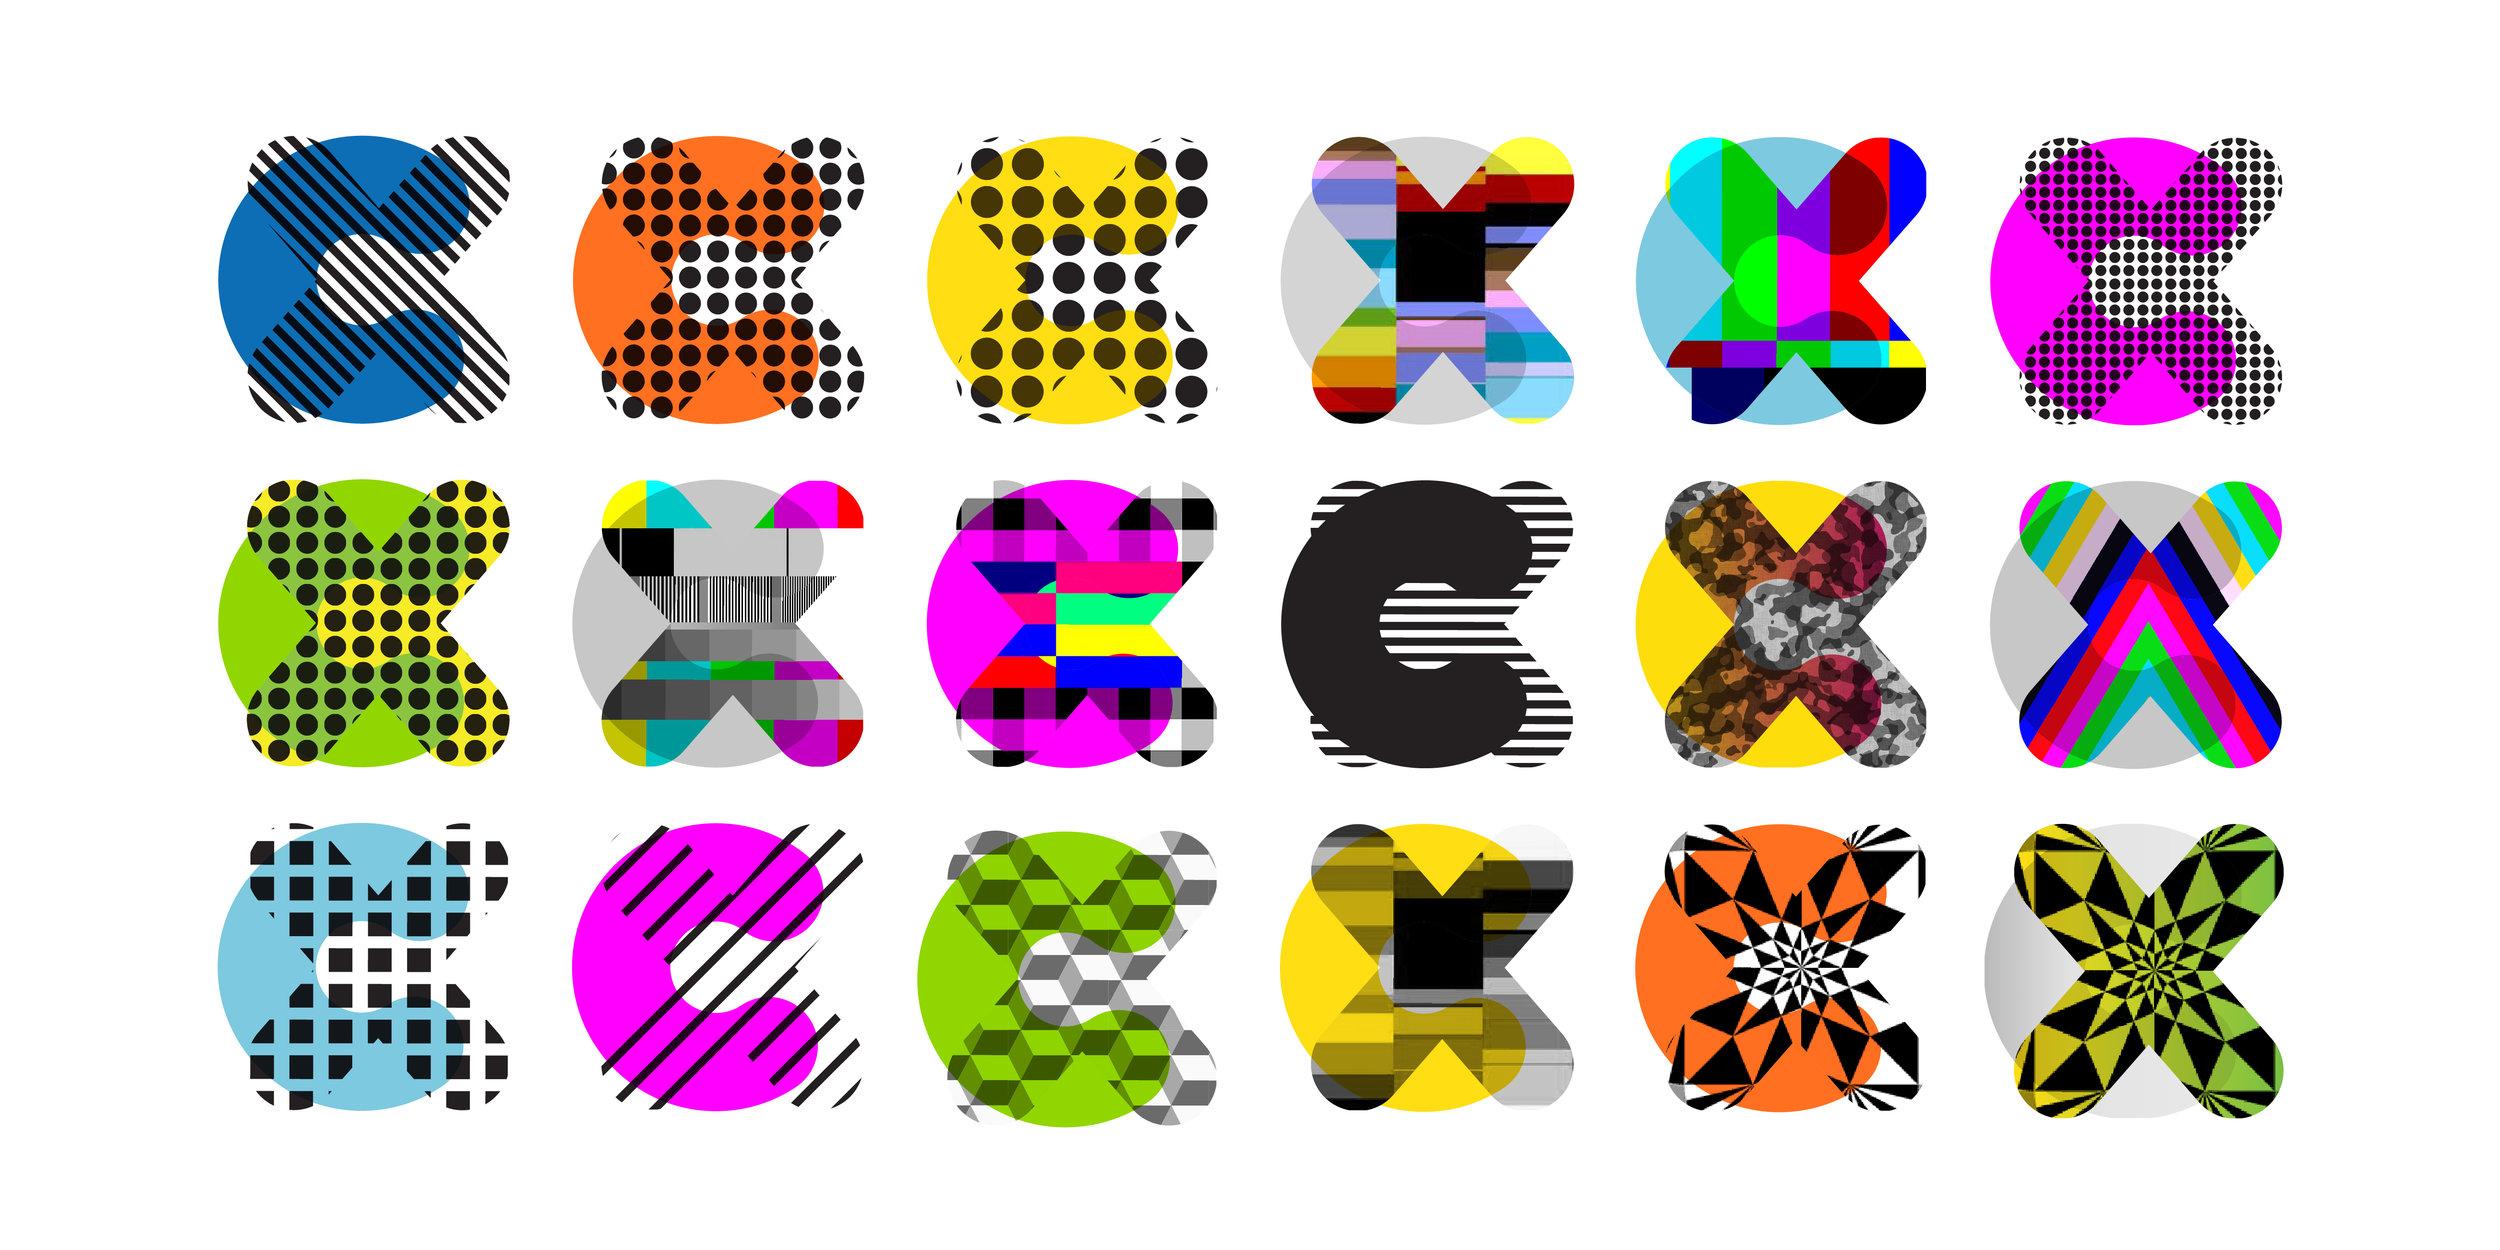 PennyLorber_CX_01.jpg